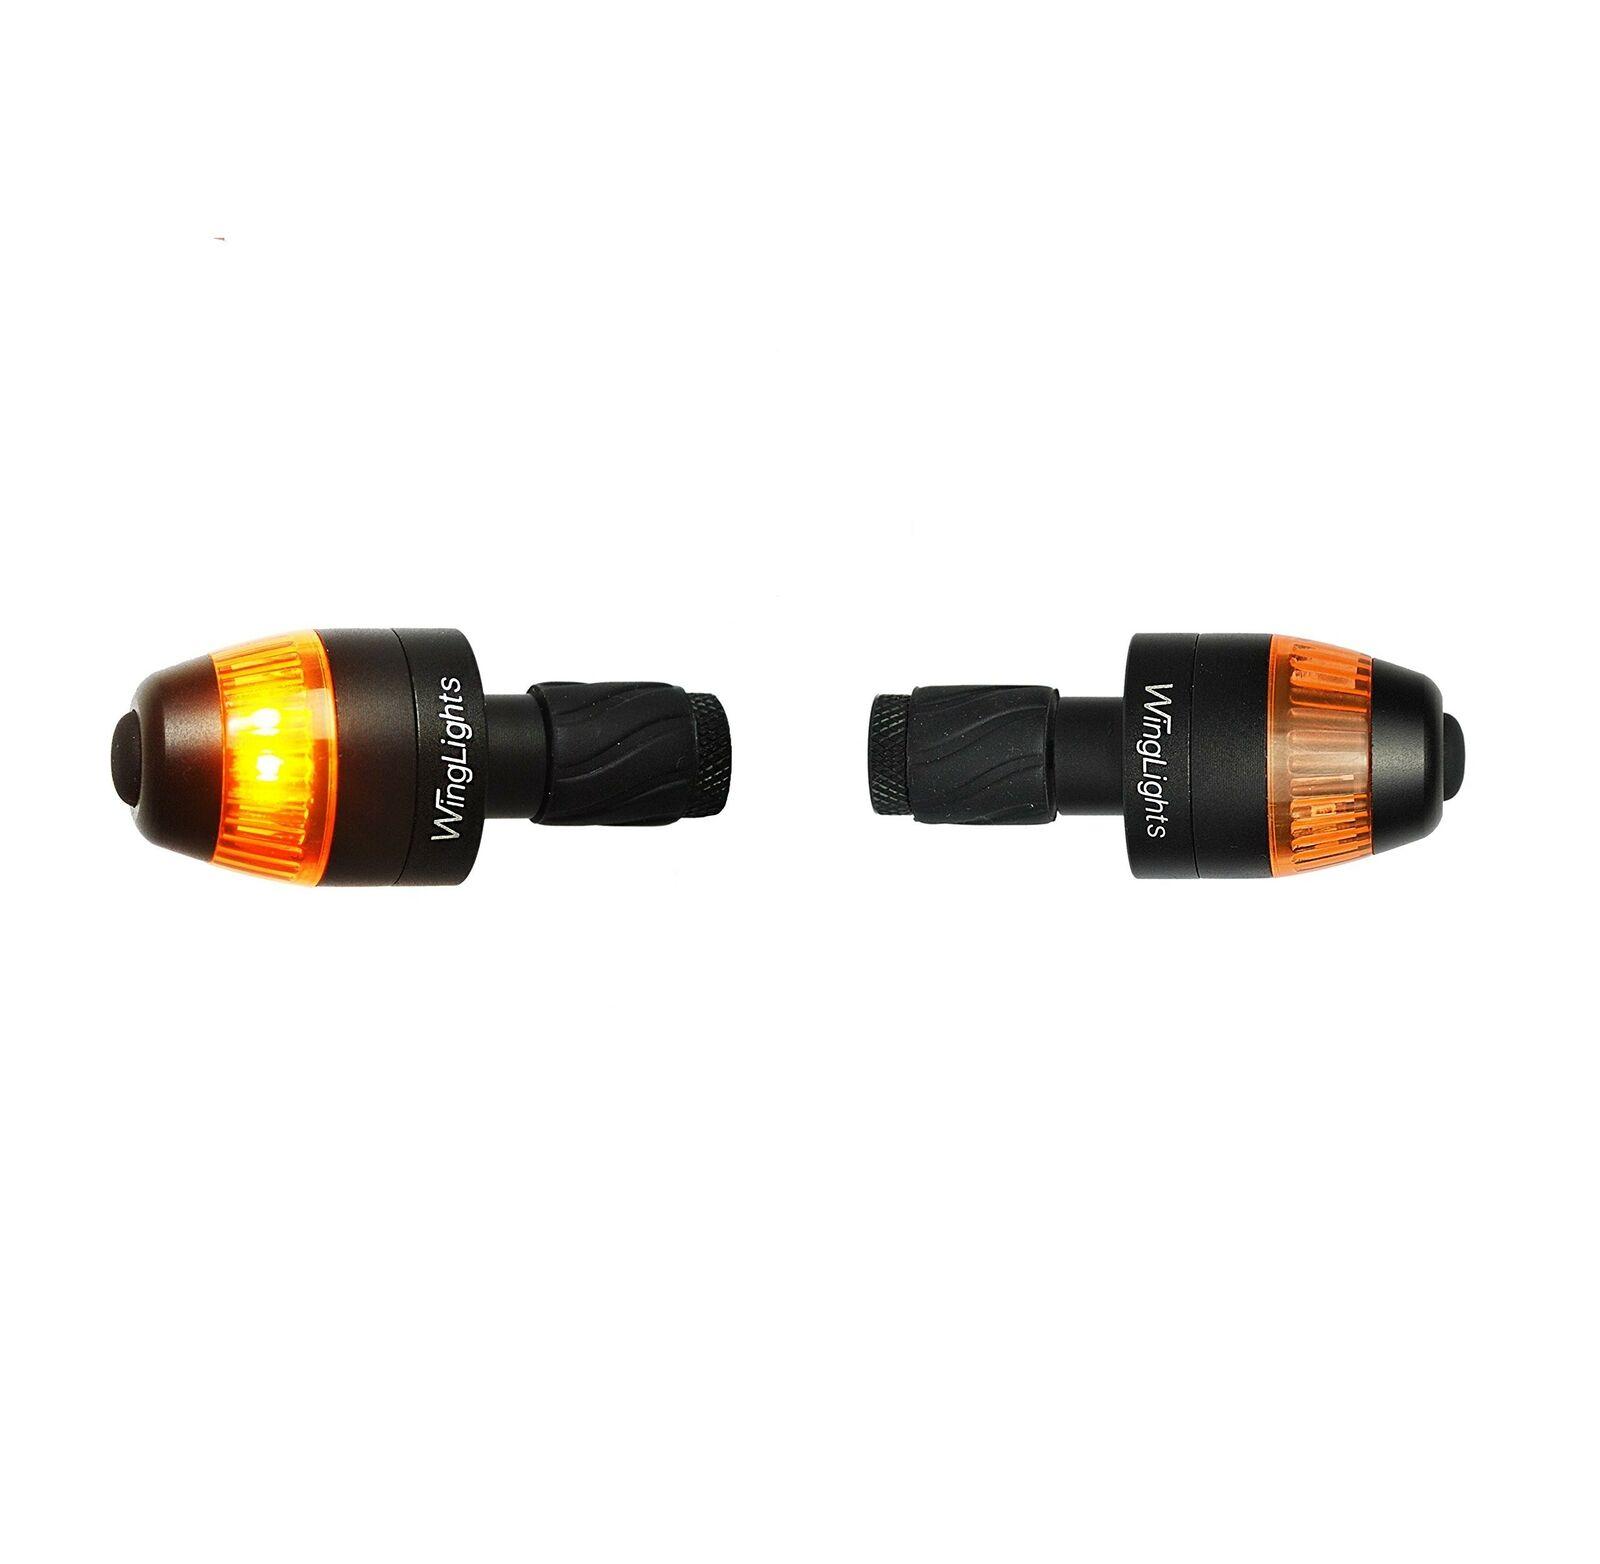 Wingluci Mag V3indicatori di direzione per biciclettemoto indicatori come si vede.